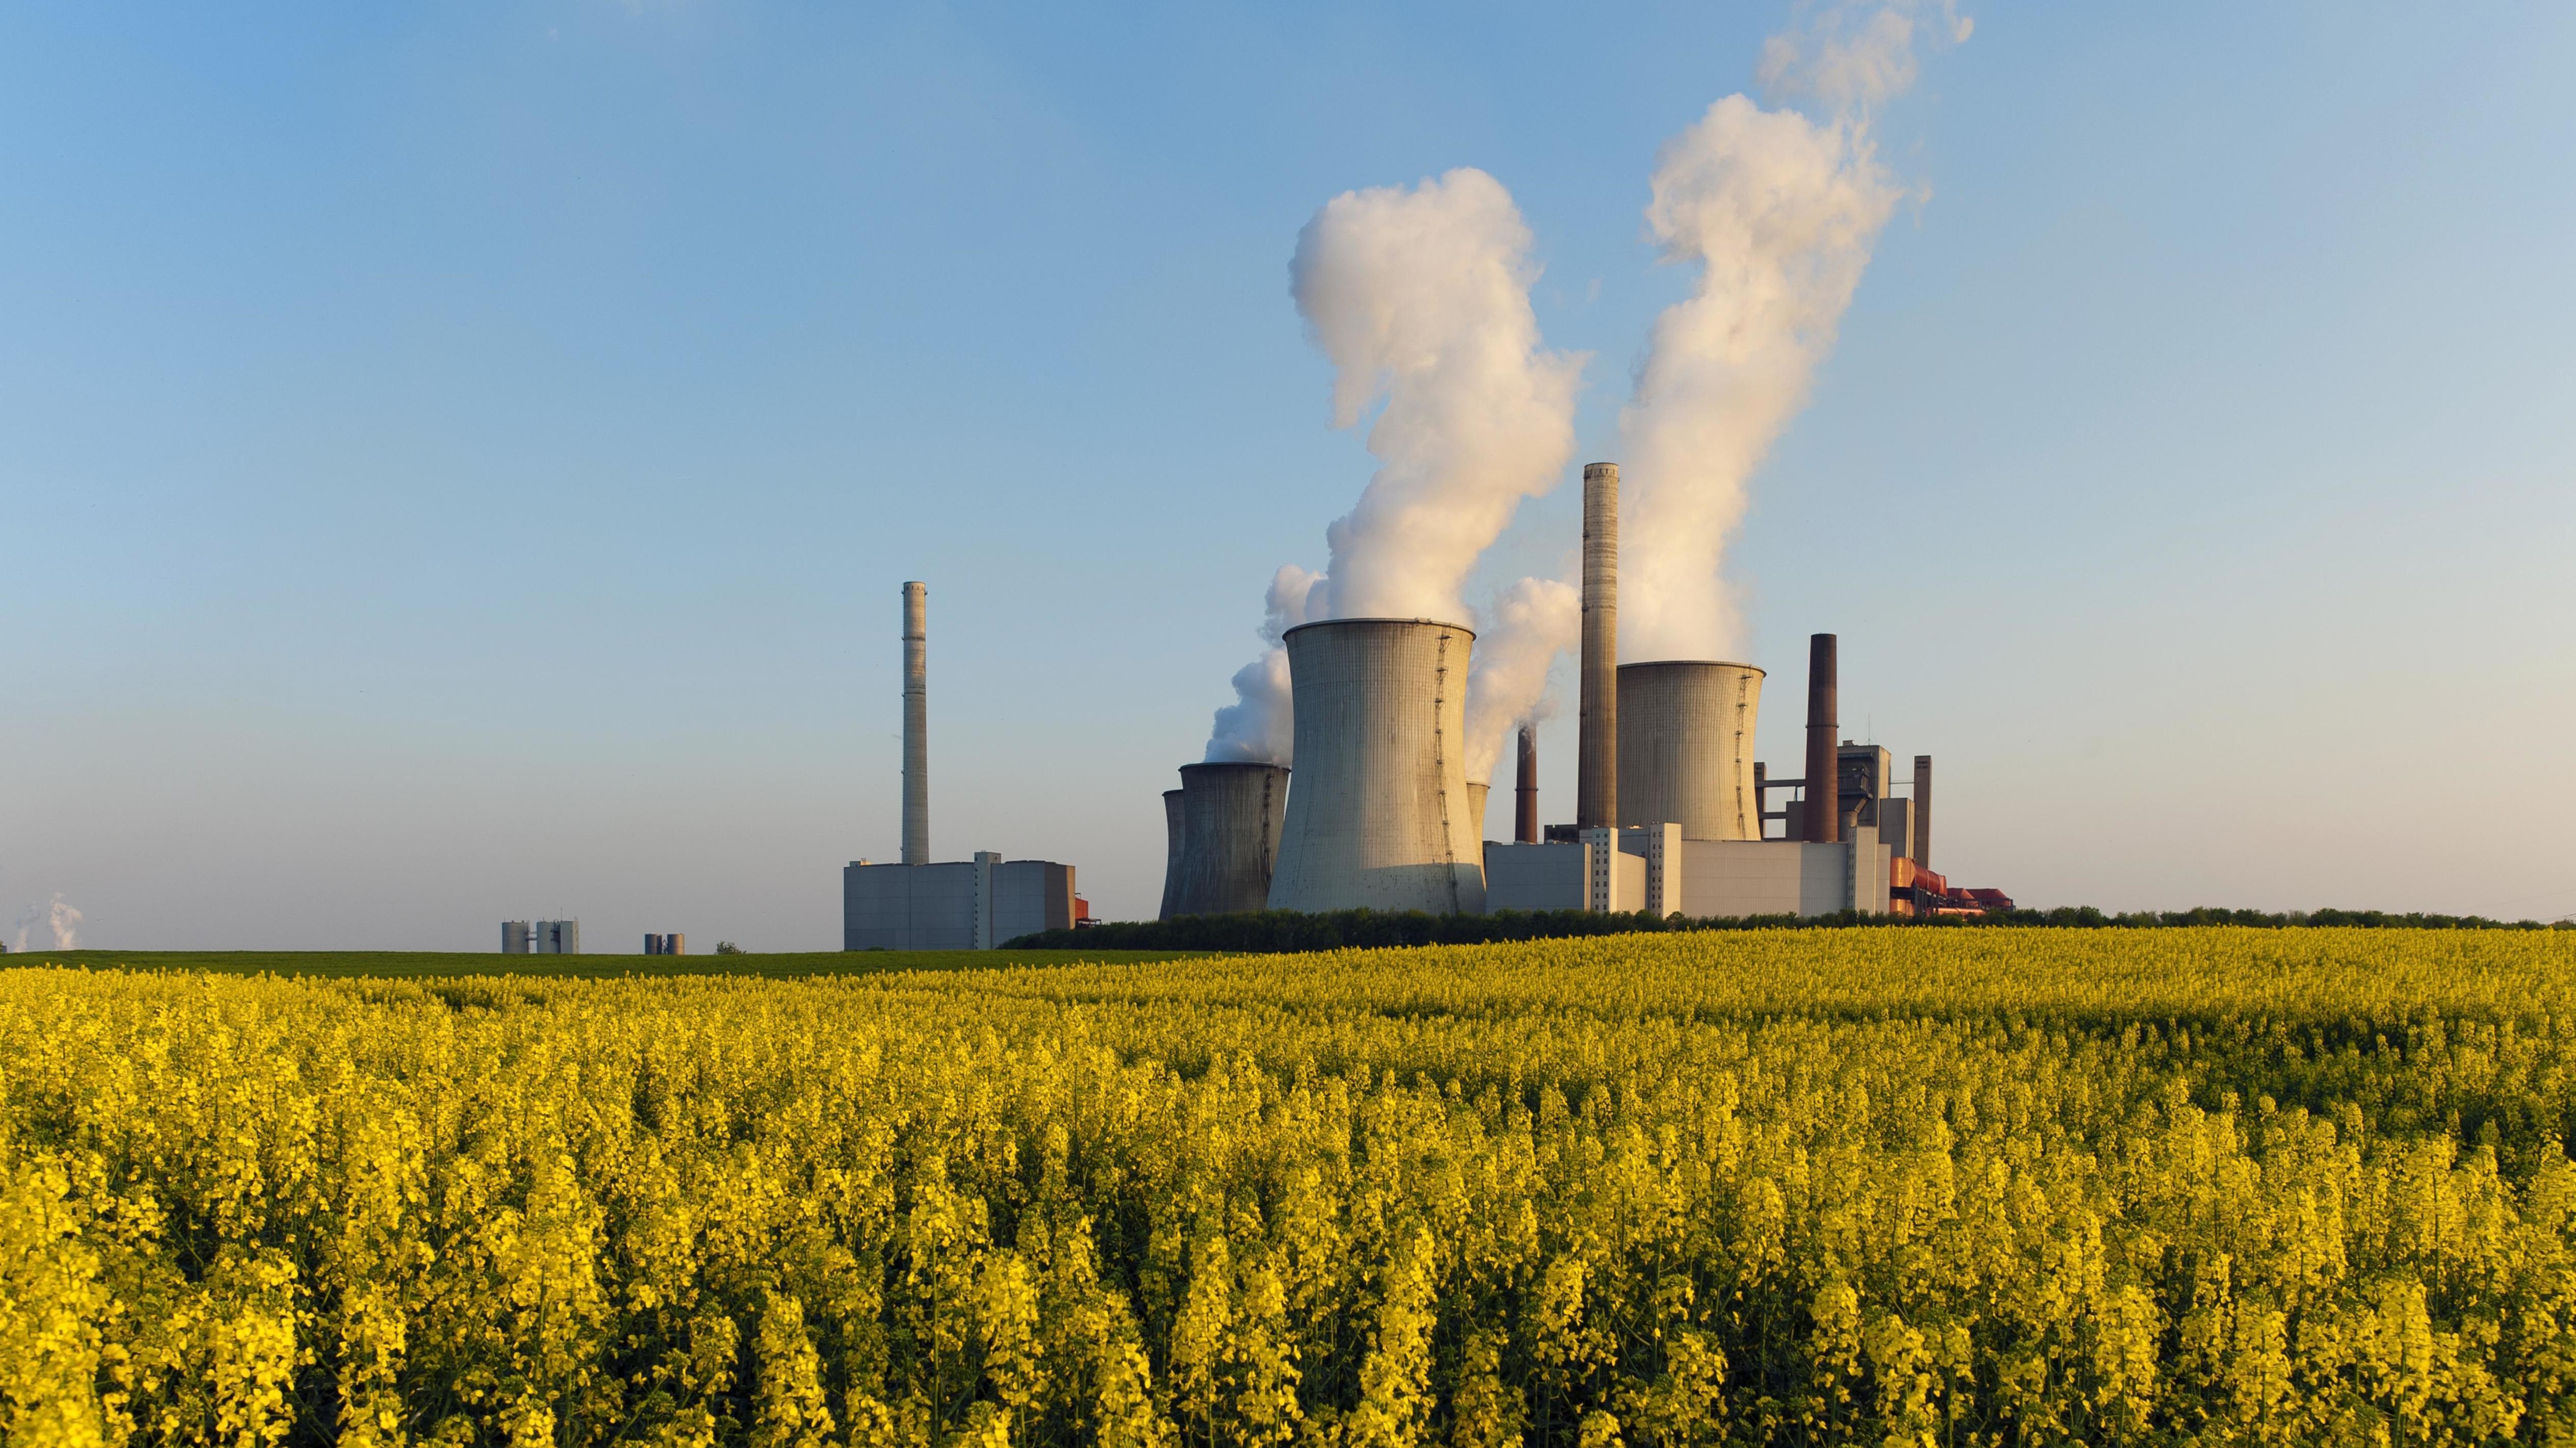 Das Braunkohlekraftwerk Neurath in Nordrhein-Westfalen.